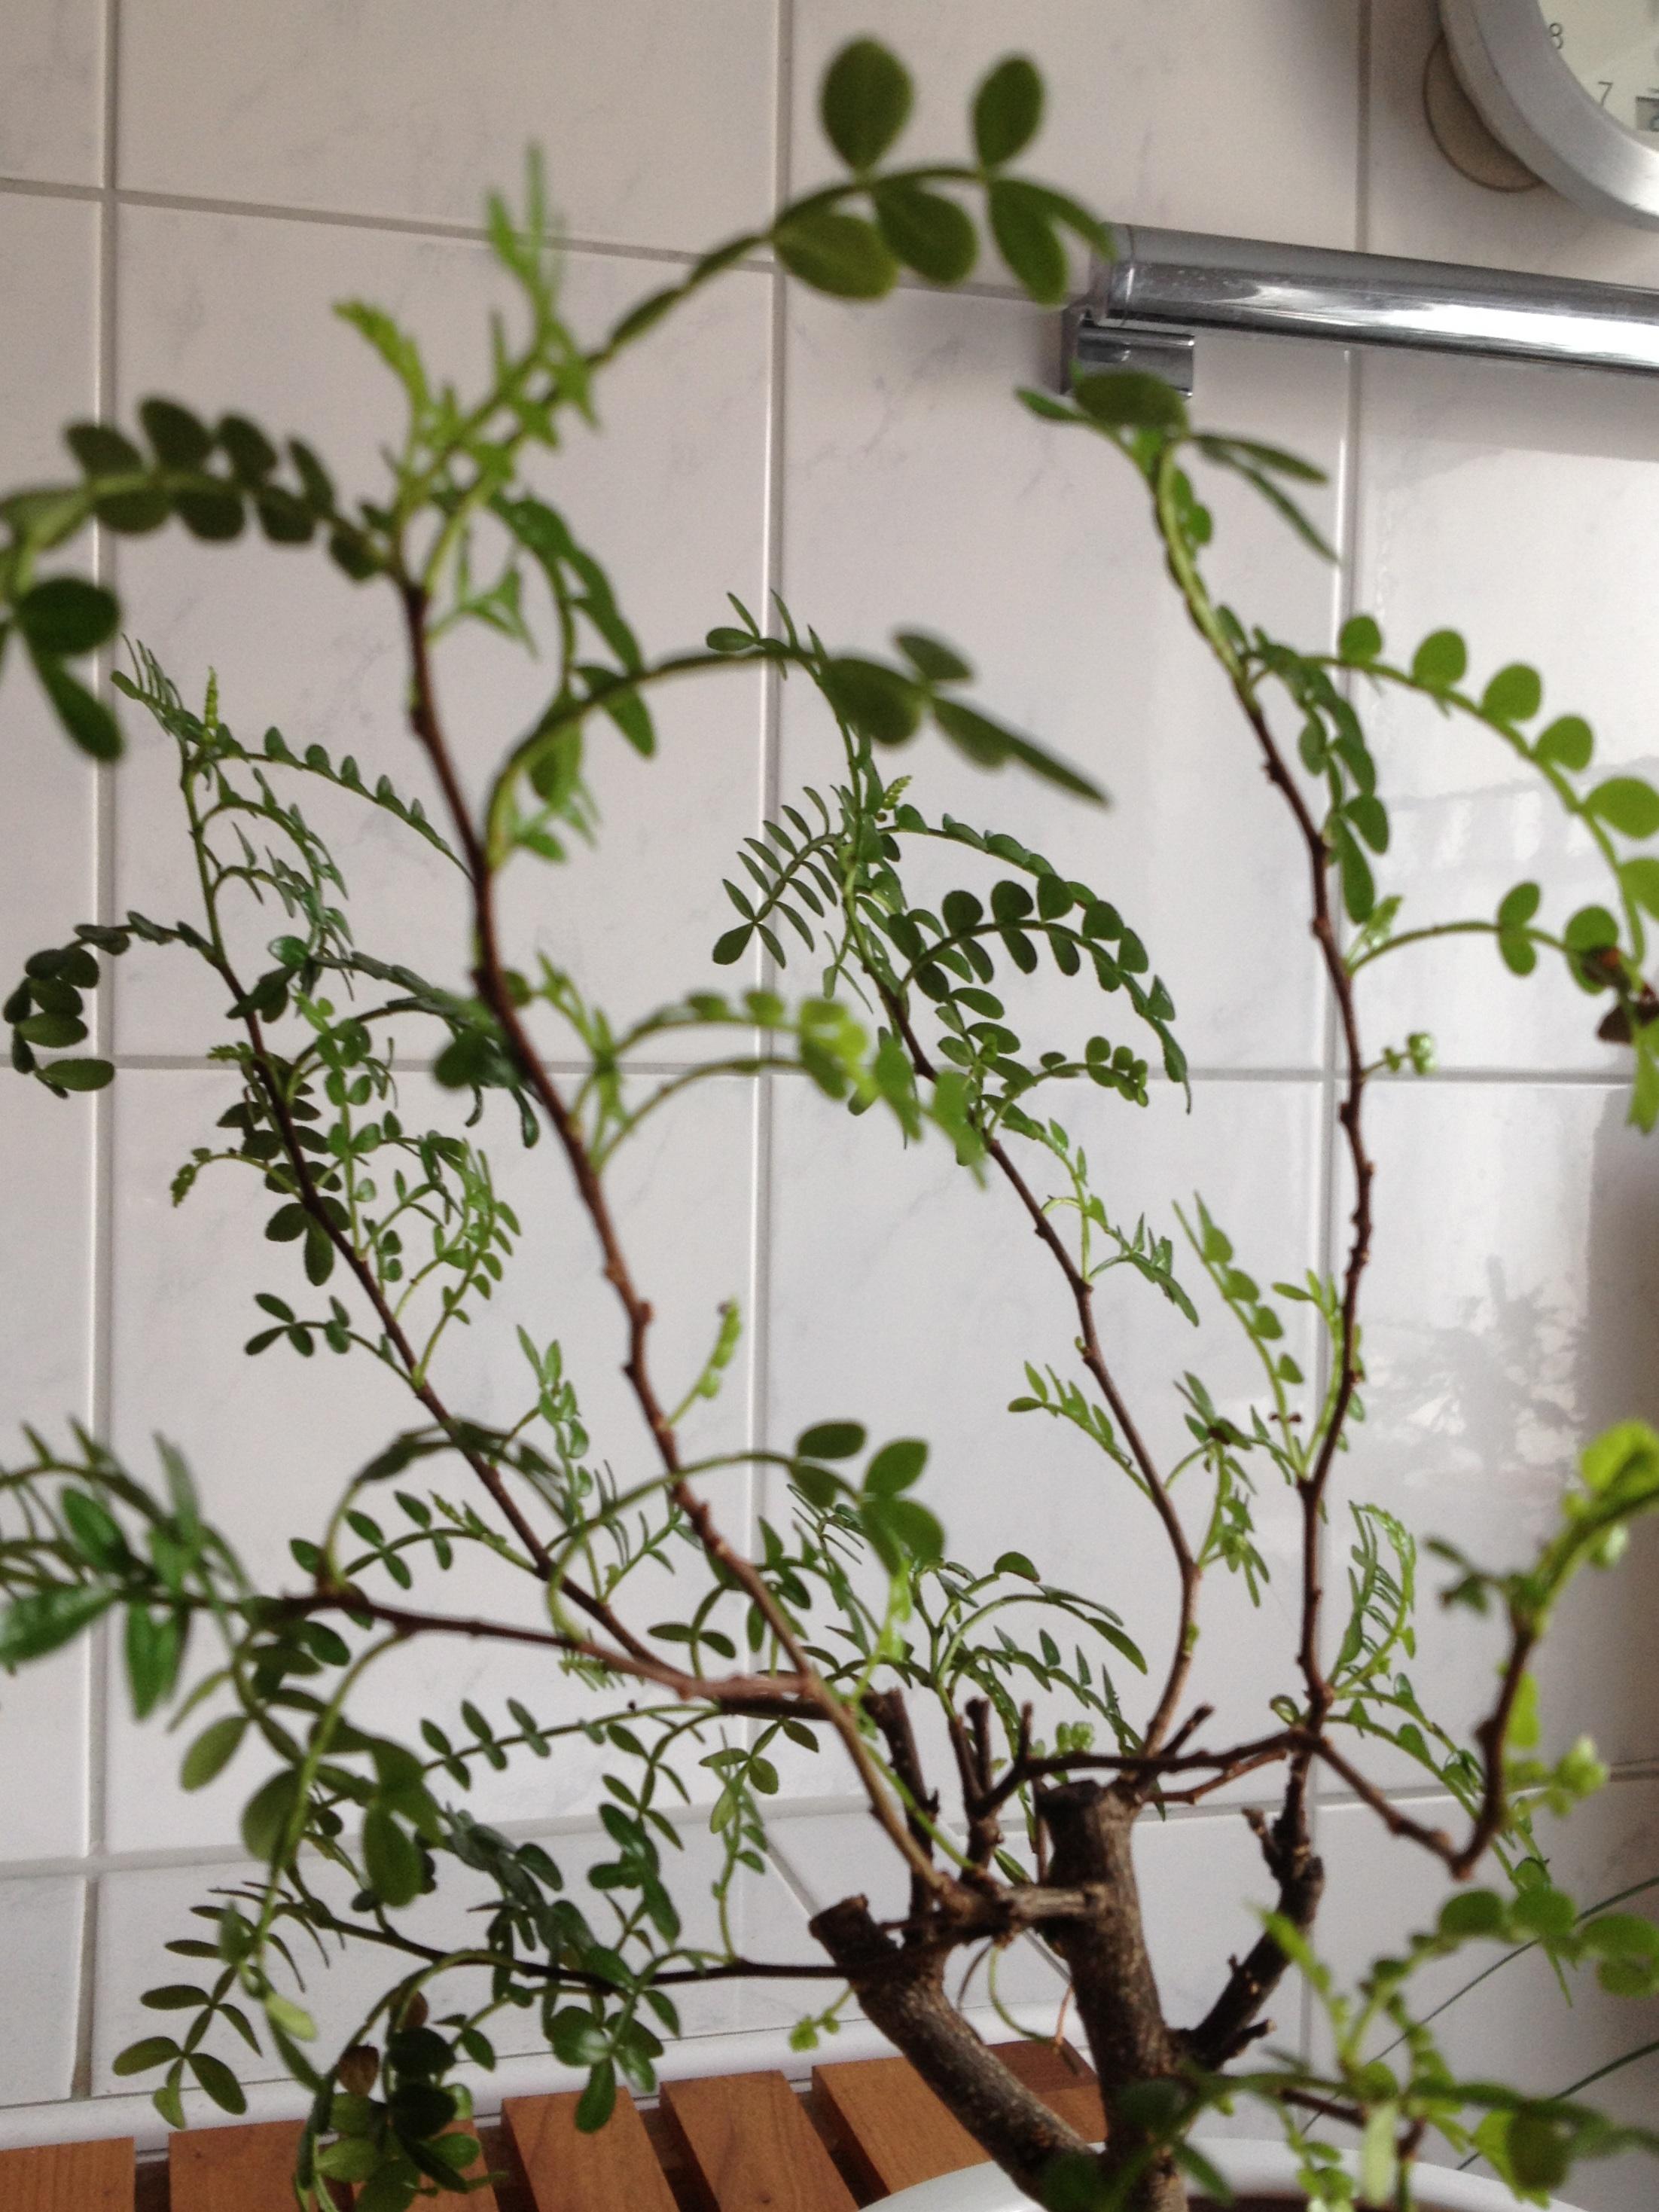 ich suche den namen dieser zimmerpflanze freizeit. Black Bedroom Furniture Sets. Home Design Ideas